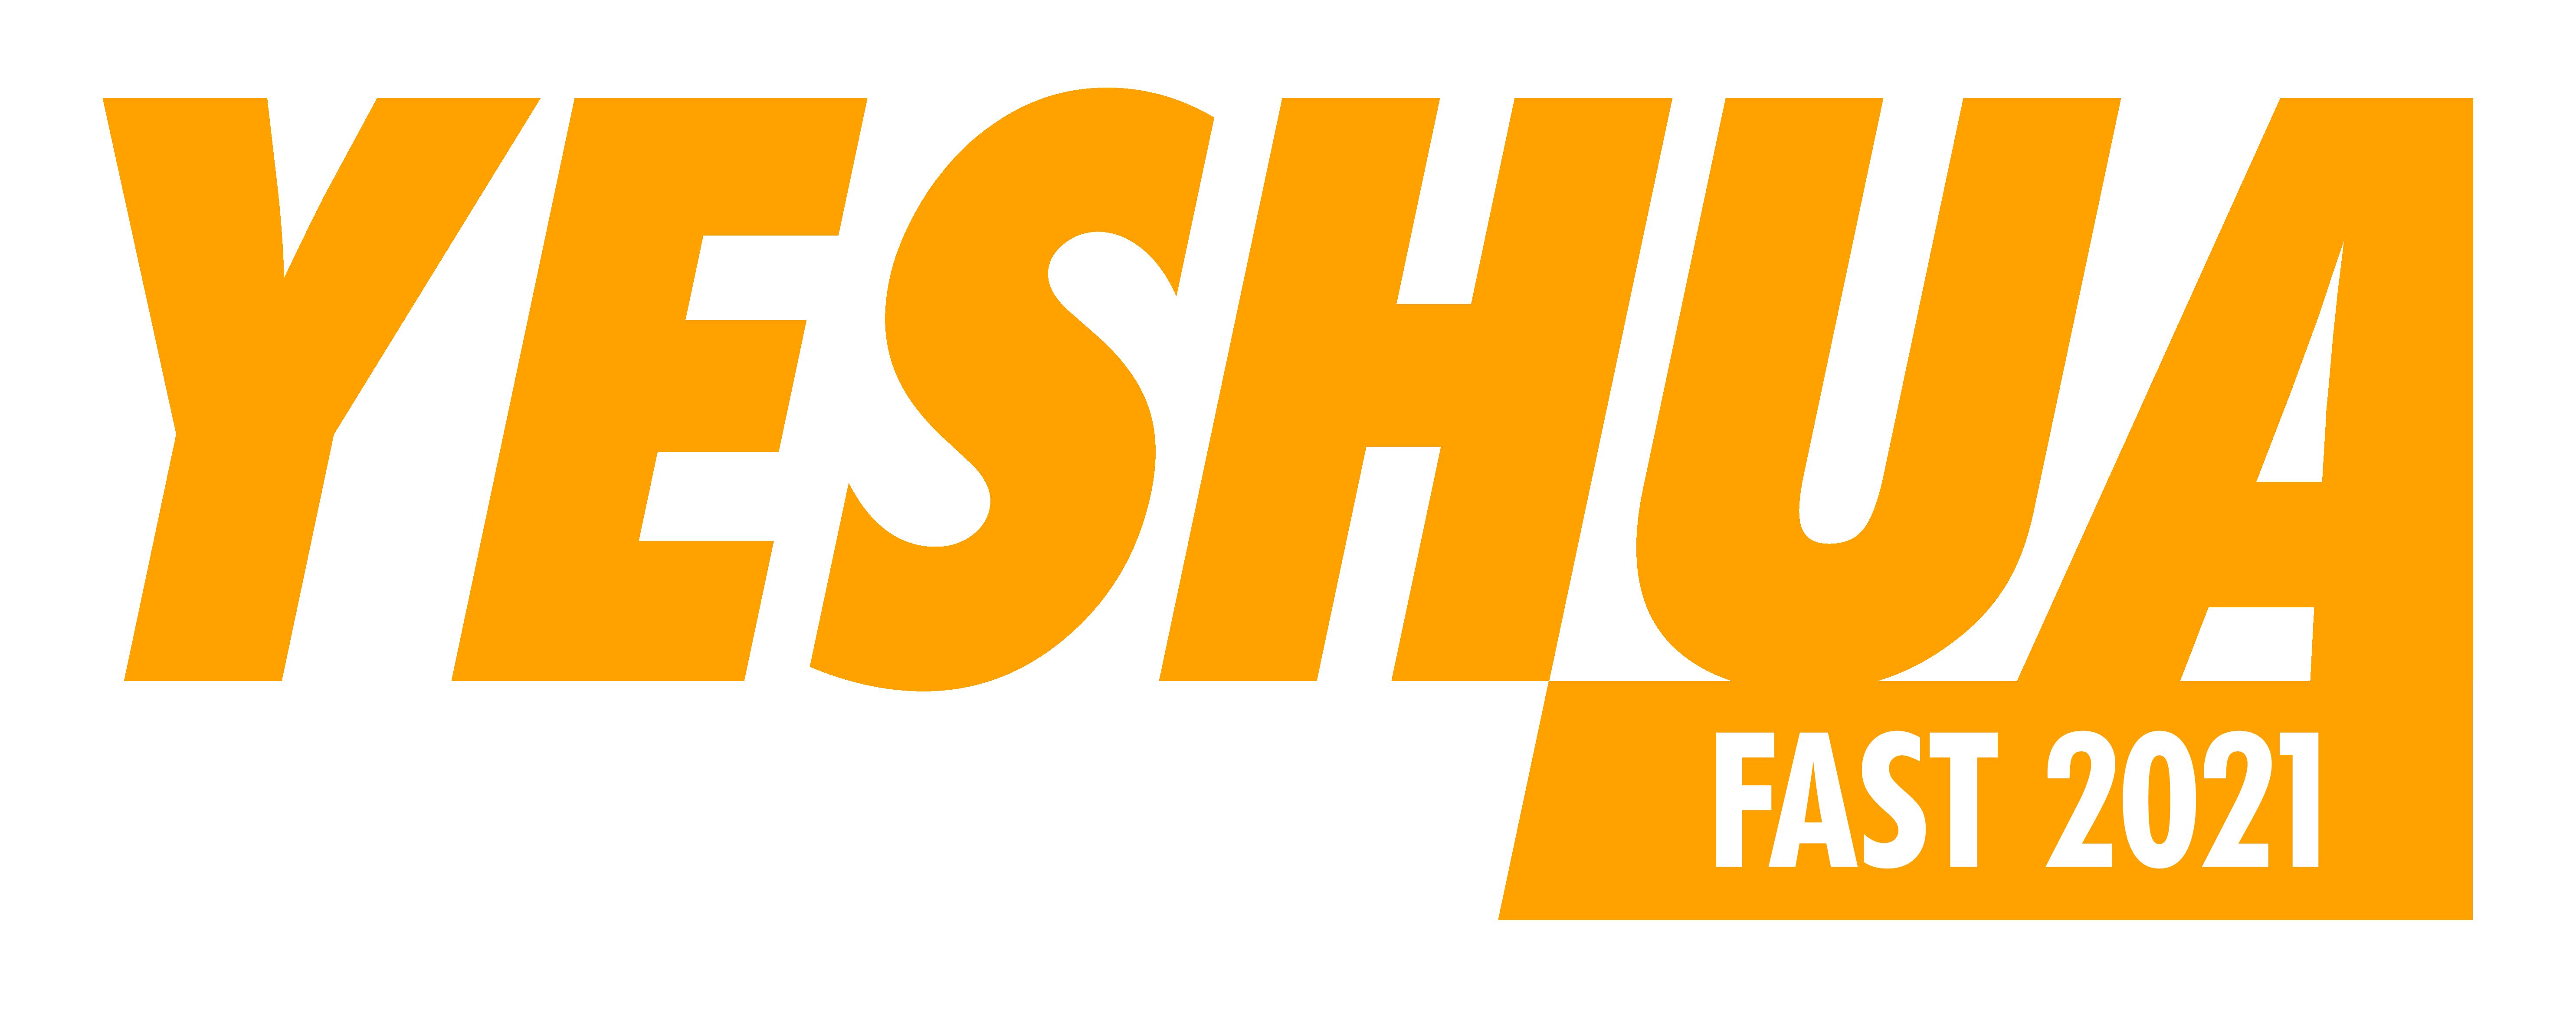 Yeshua Fast 2021